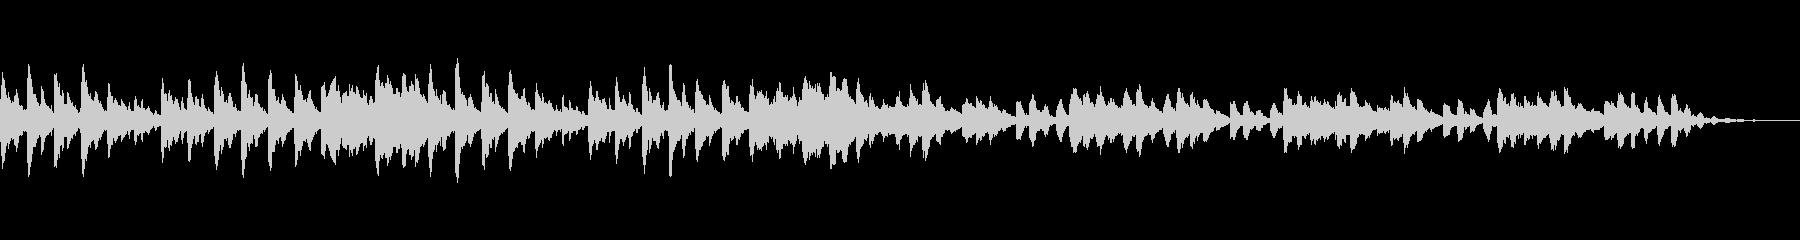 三味線 琴の音色が素敵でした。の未再生の波形